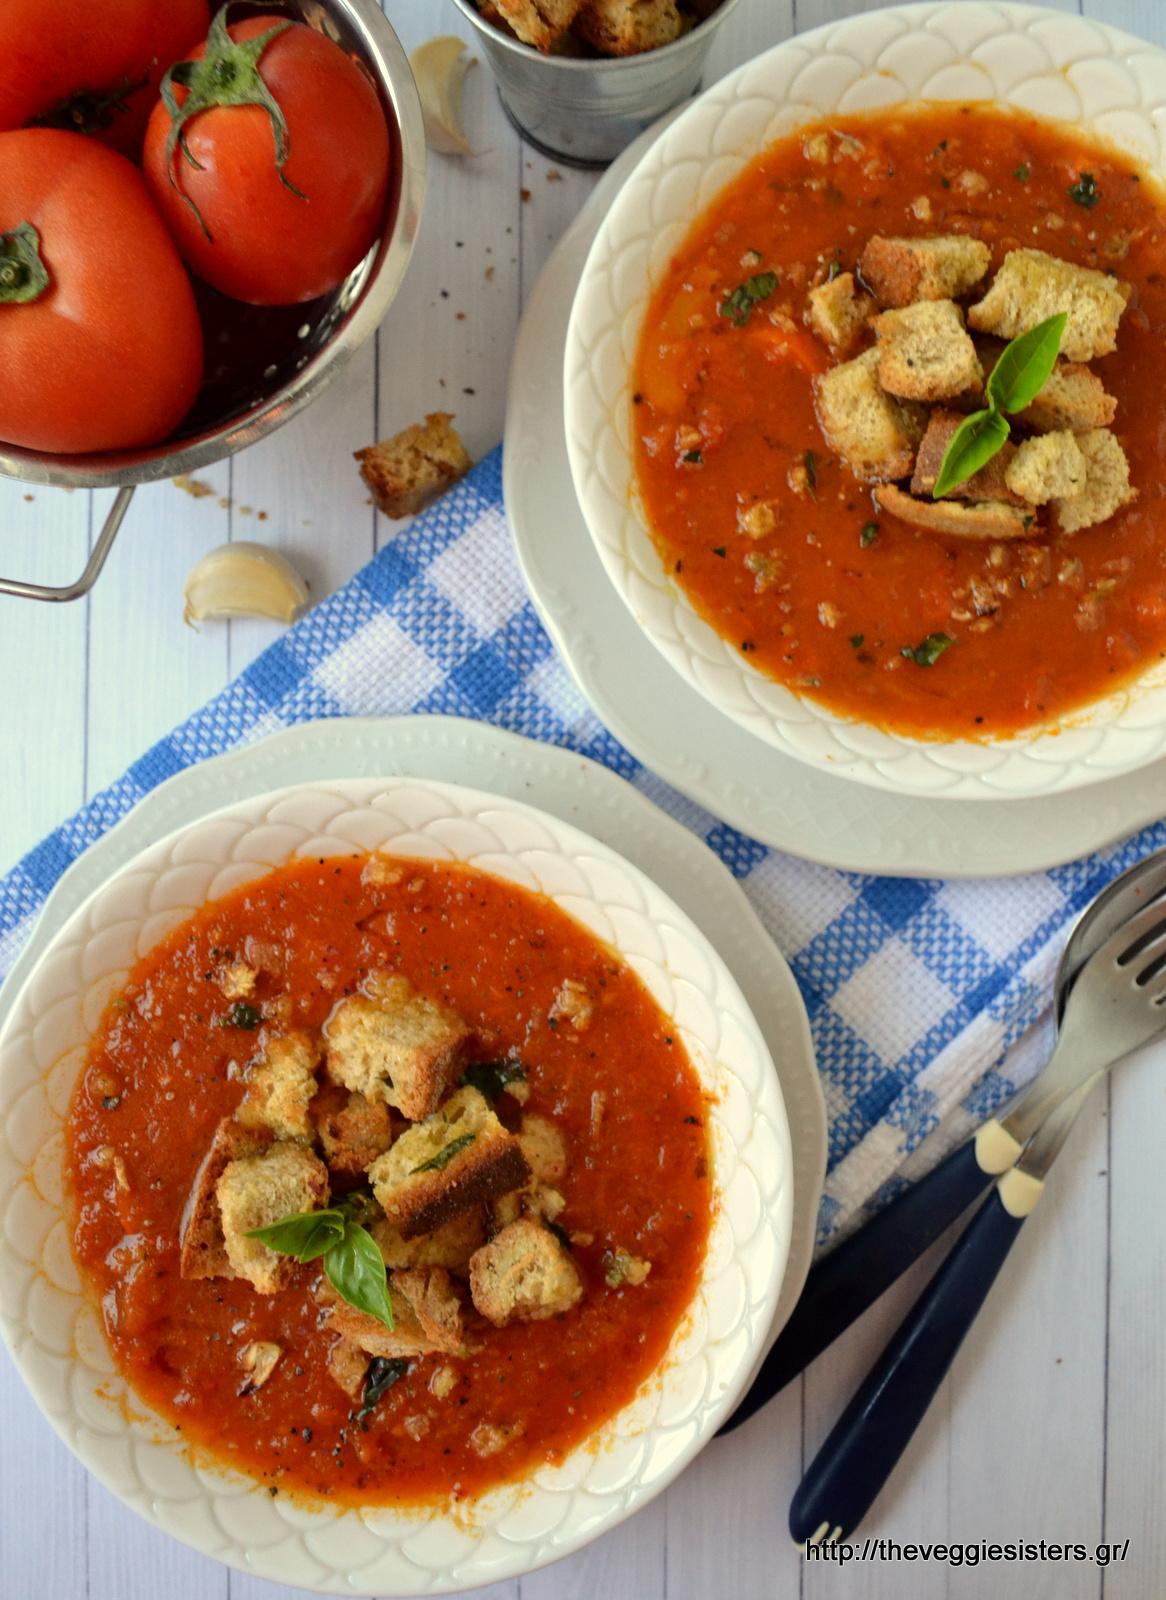 Βελουτέ σούπα με ψητές ντομάτες, βασιλικό κ σκορδάτα κρουτόν - Creamy basil roasted tomato soup with garlicky croutons